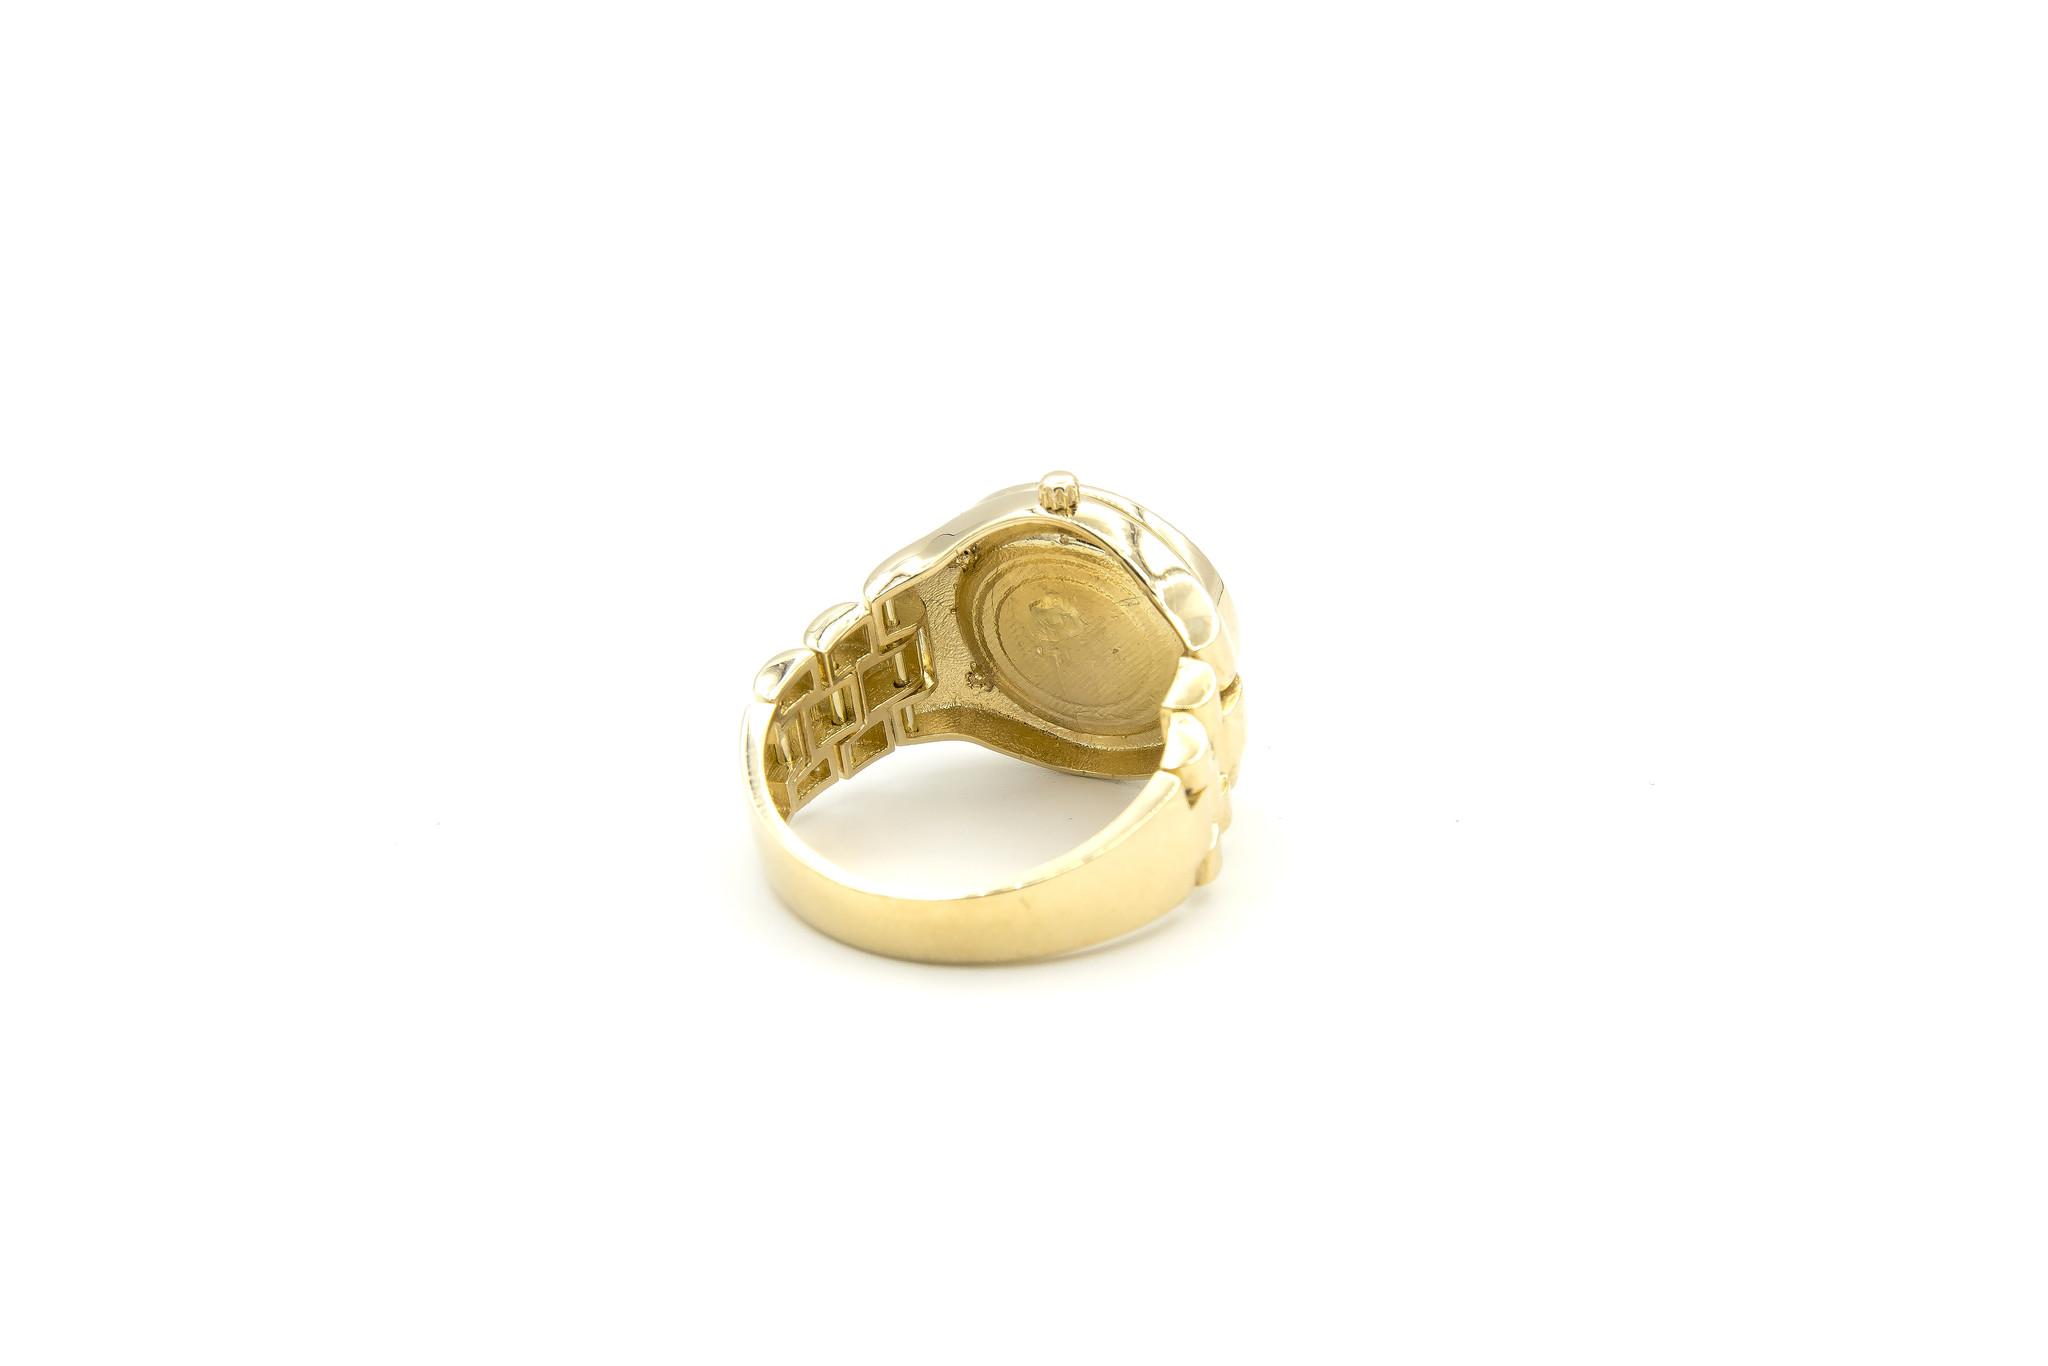 Ring horloge met kroon op zwarte achtergrond met flexibele zijkanten-7